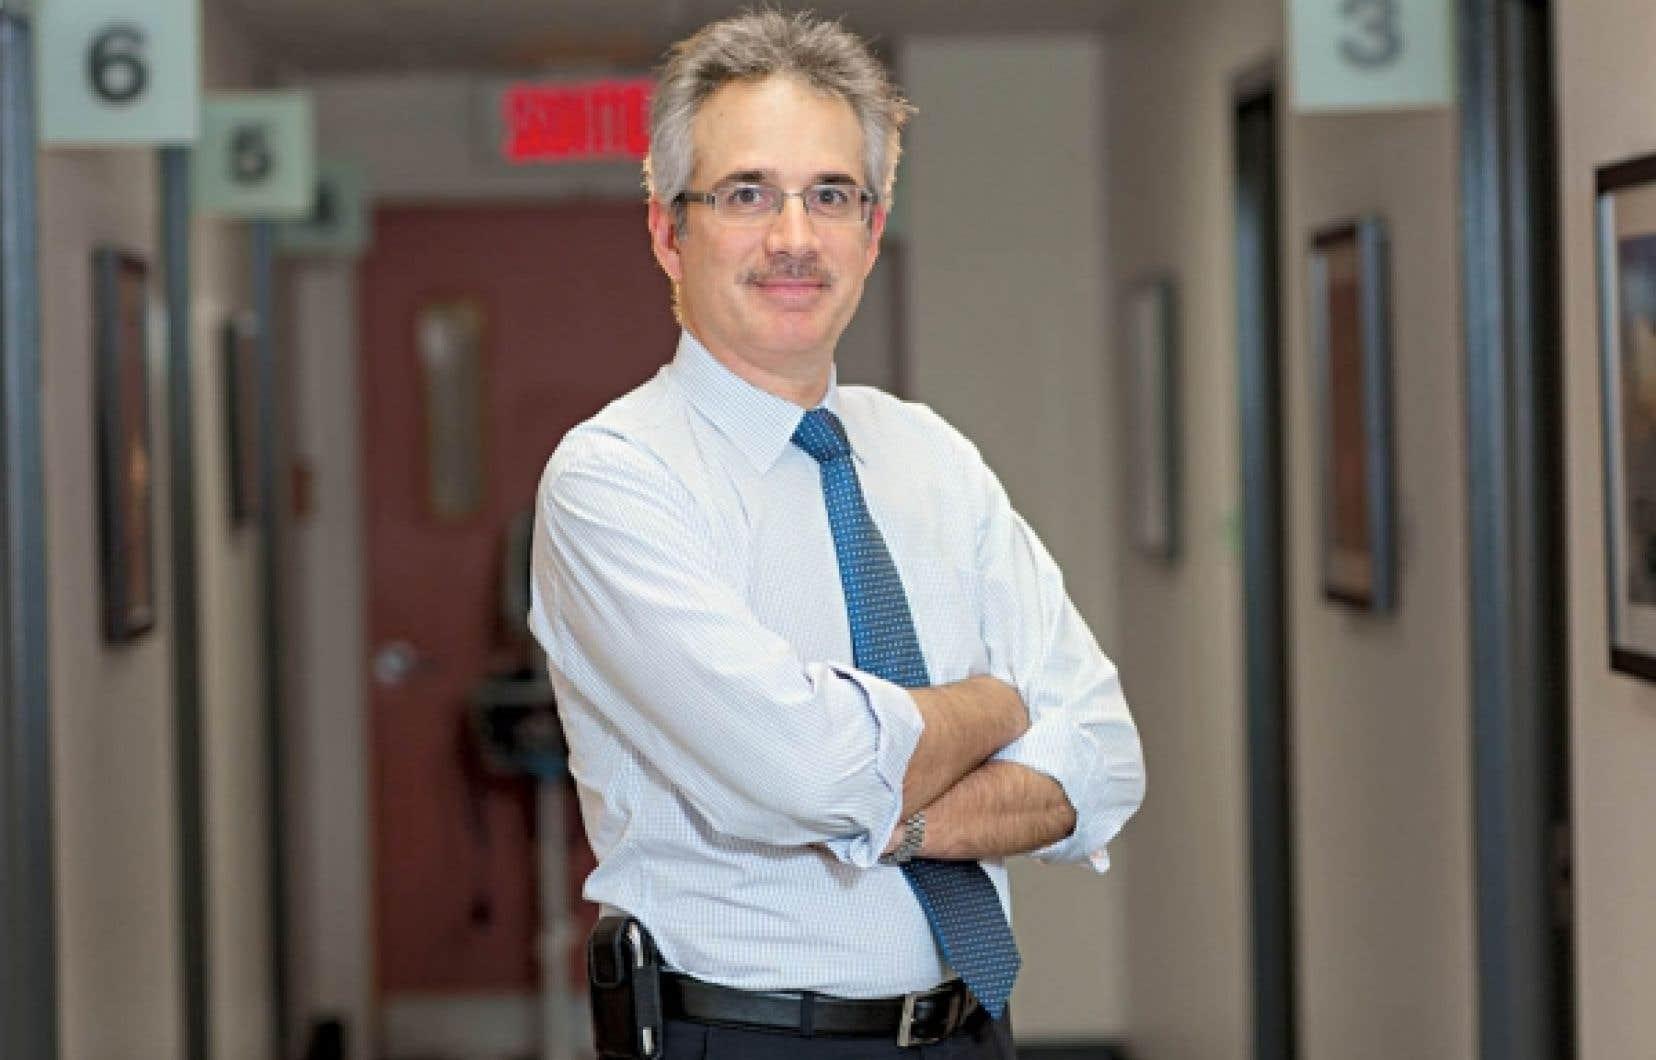 C'est la première année que le Dr Armen Aprikian, urologue en chef au CUSM, participe au mouvement Movember. En date d'hier, il avait déjà amassé plus de 3400 $ grâce à sa moustache.